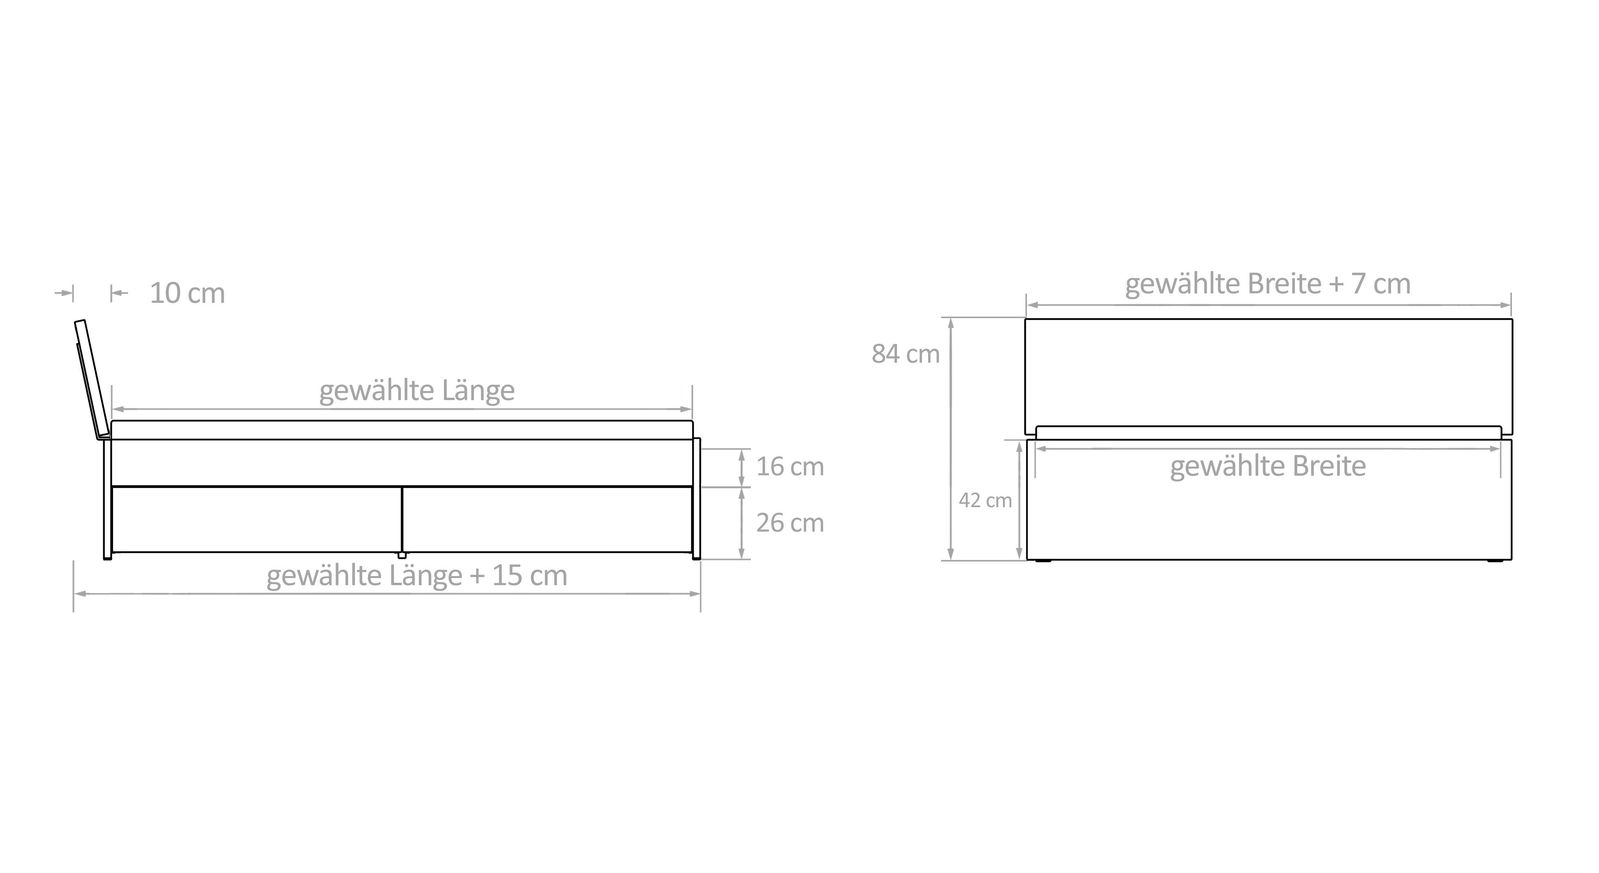 Bemaßungsskizzen für Schubkasten-Doppelbetten